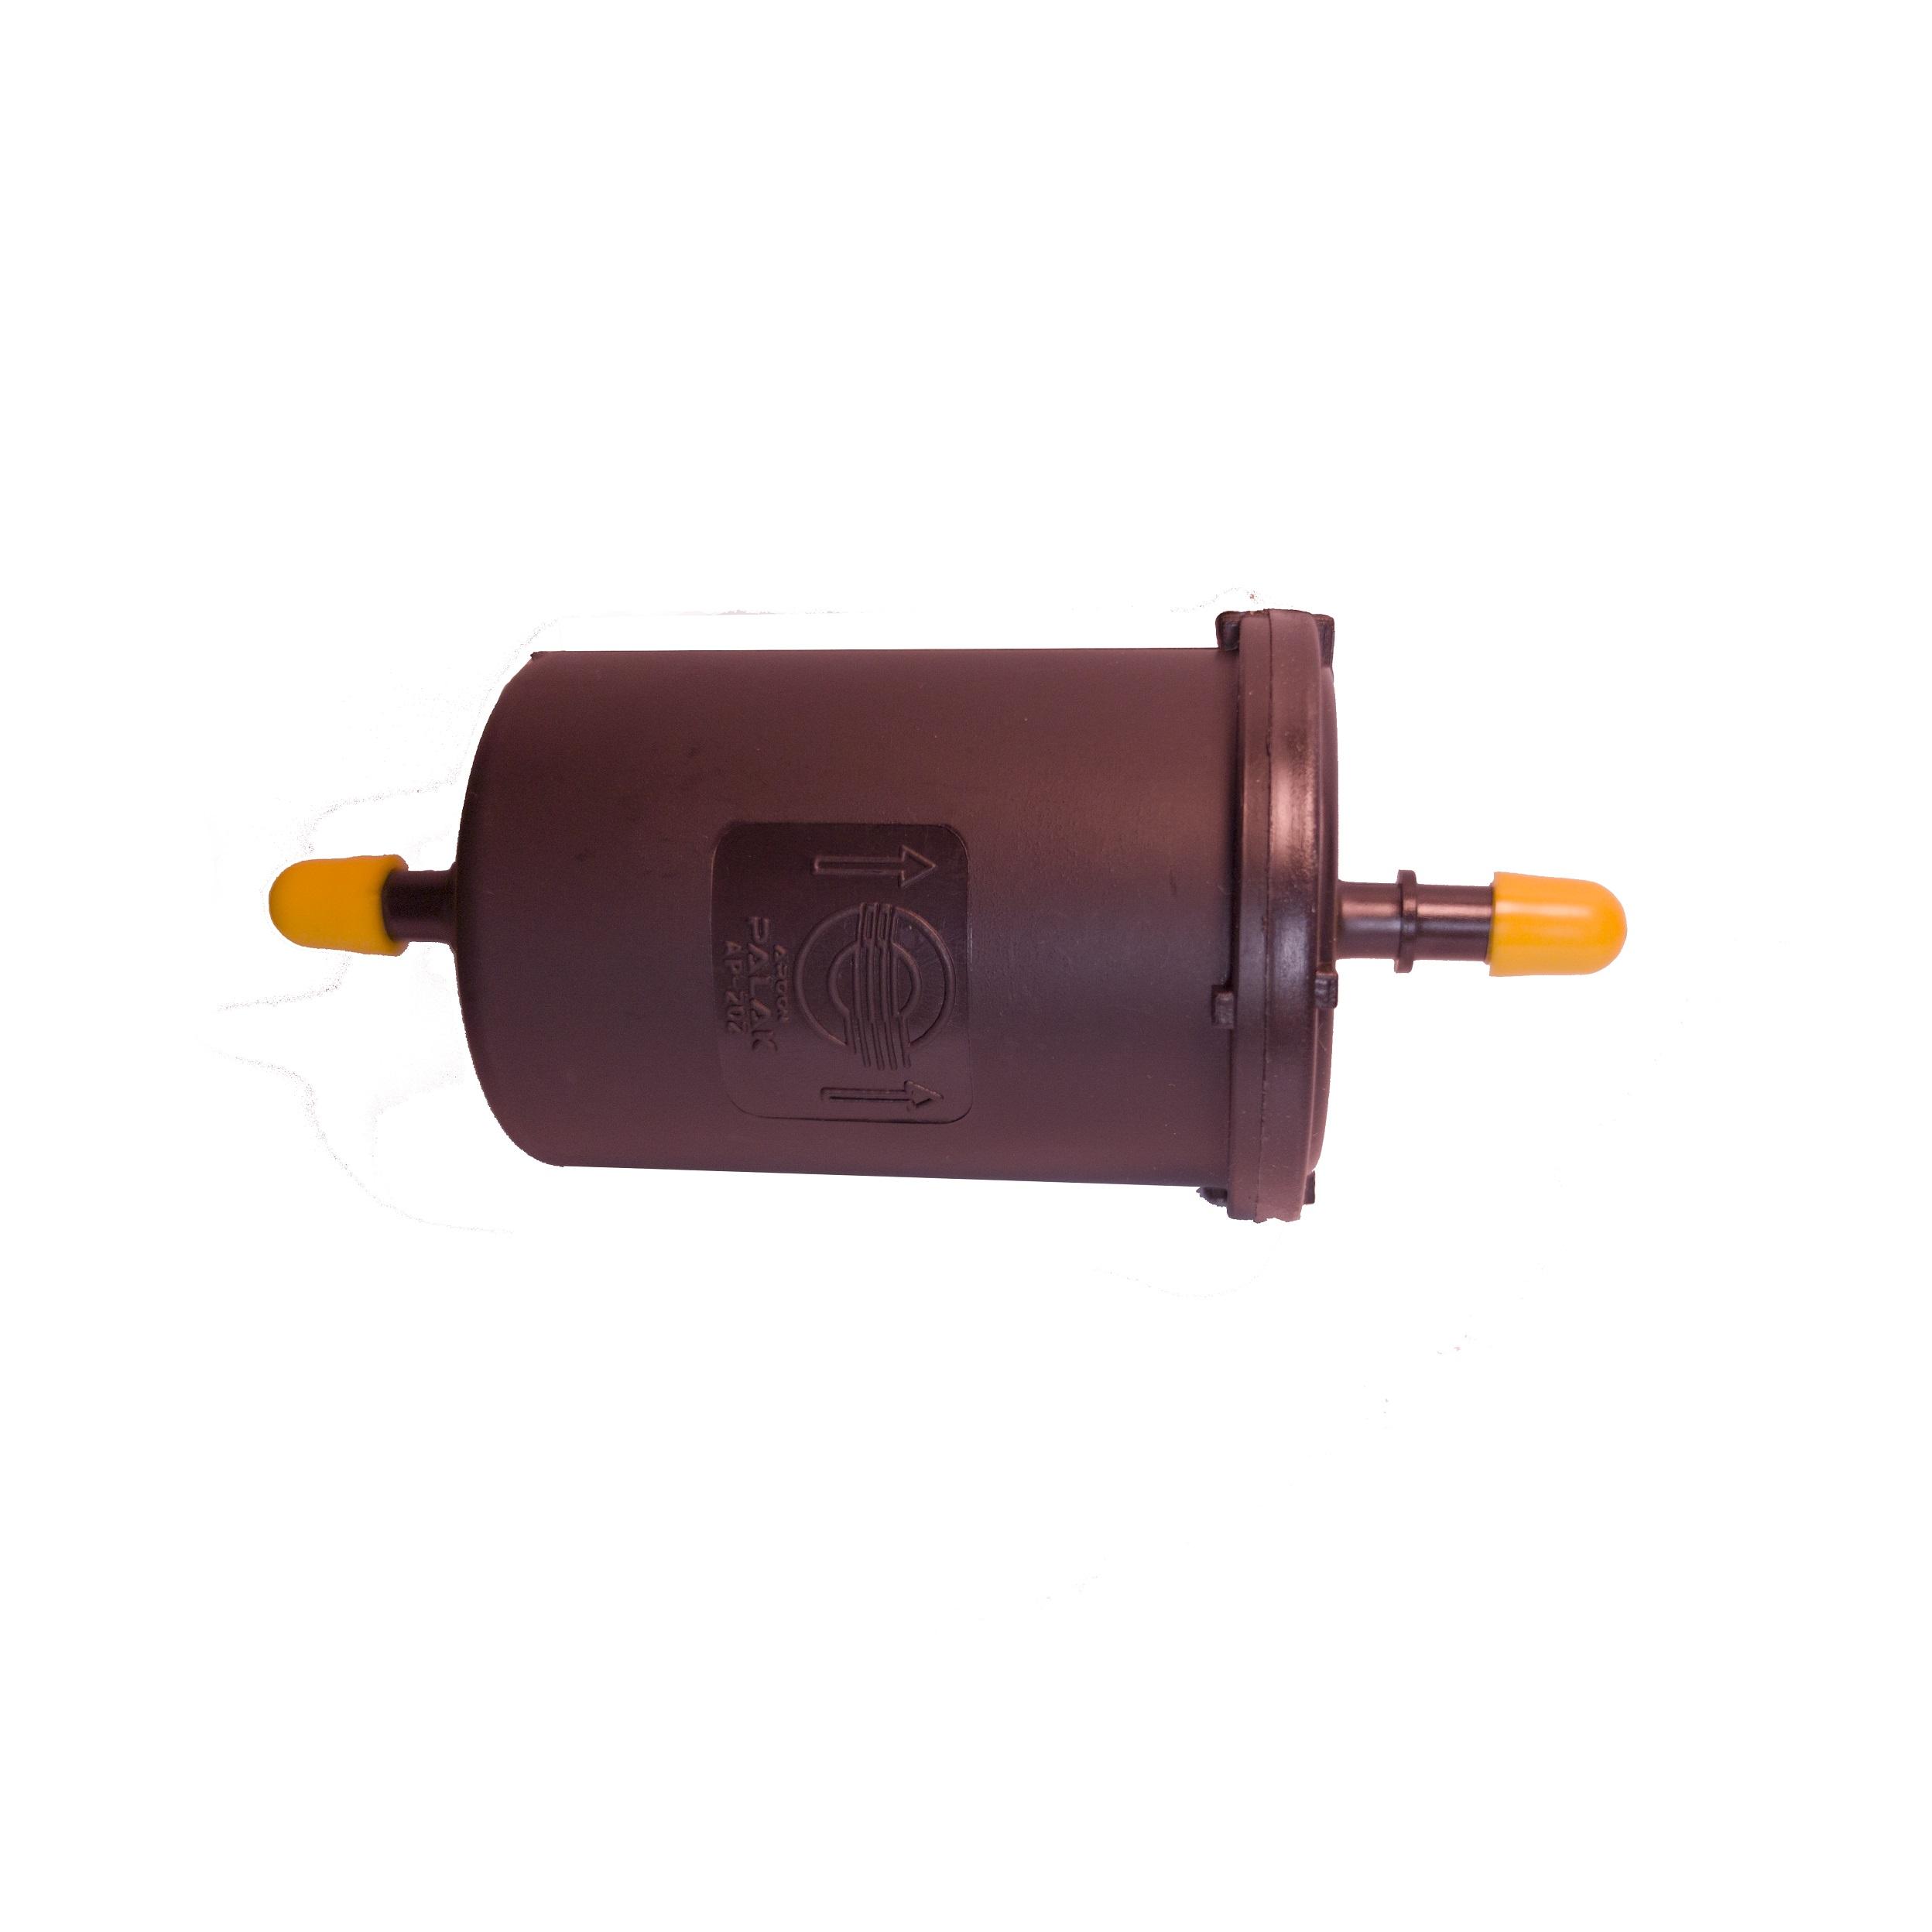 فیلتر بنزین آرون پالاک کد 202 بسته 10 عددی